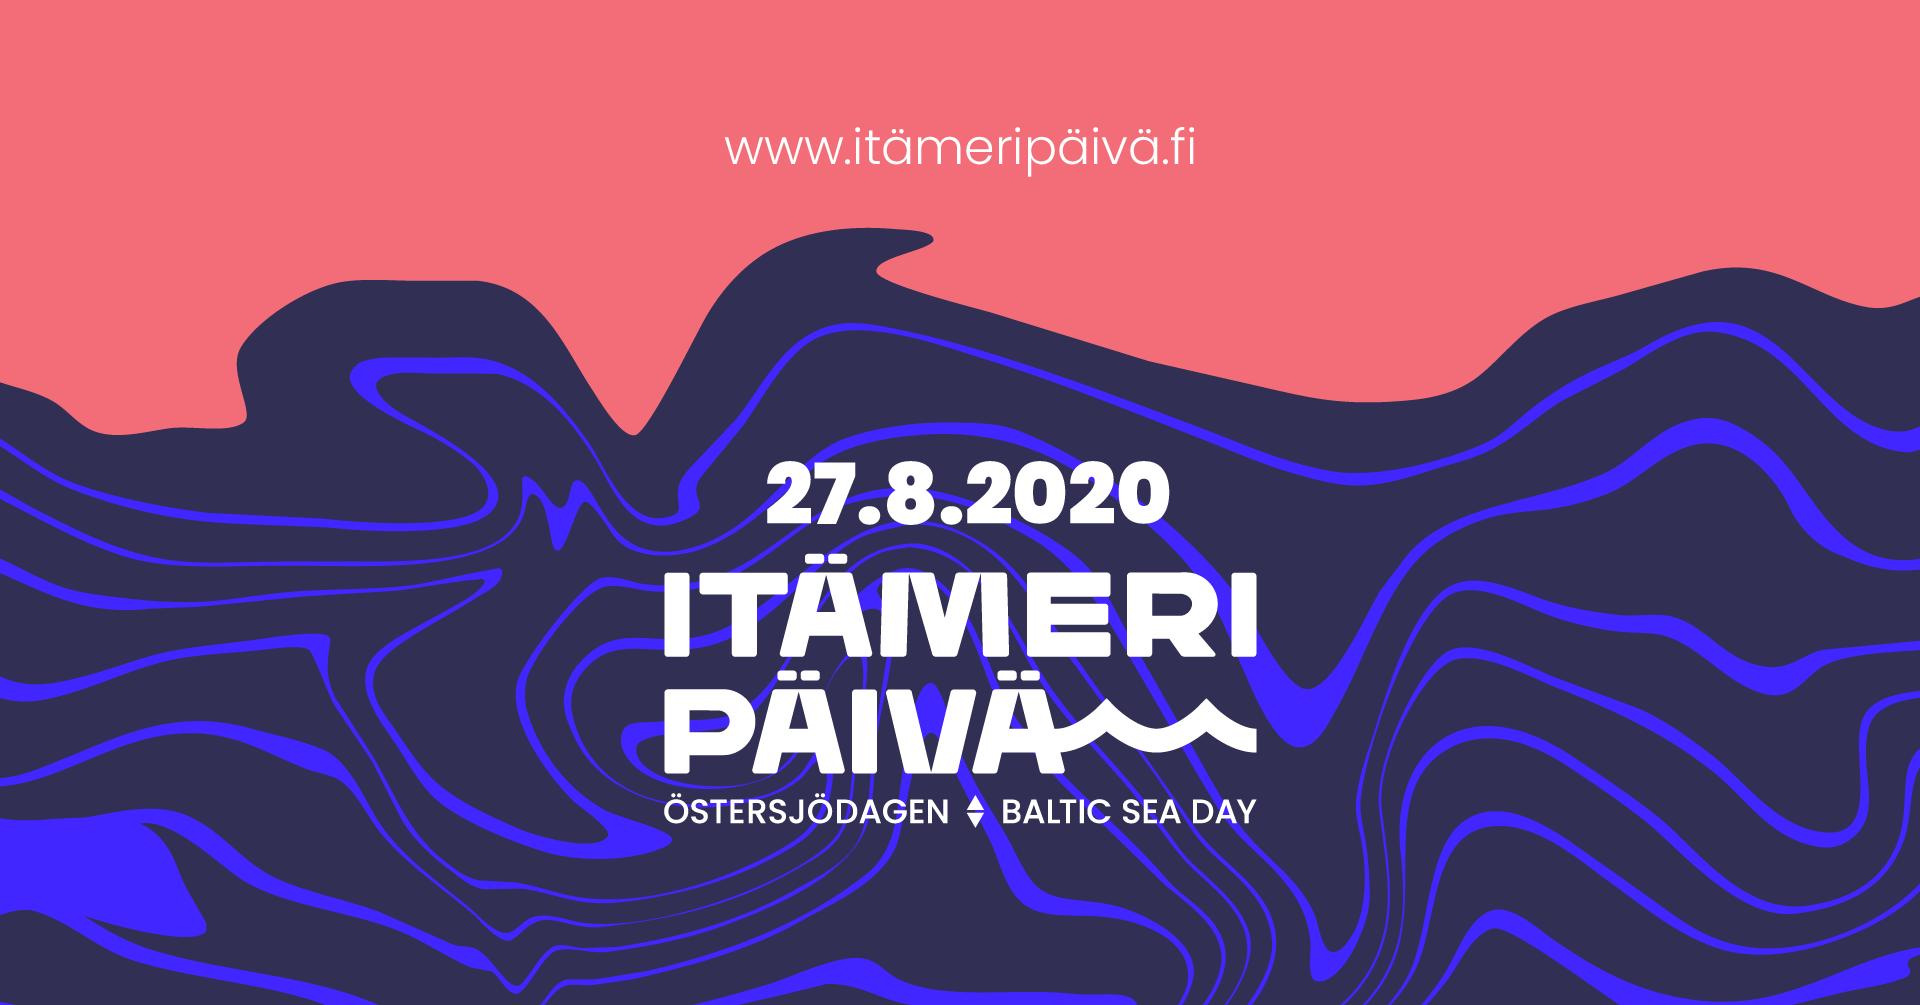 Linkki tapahtumaan Itämeripäivän karnevaali 27.8